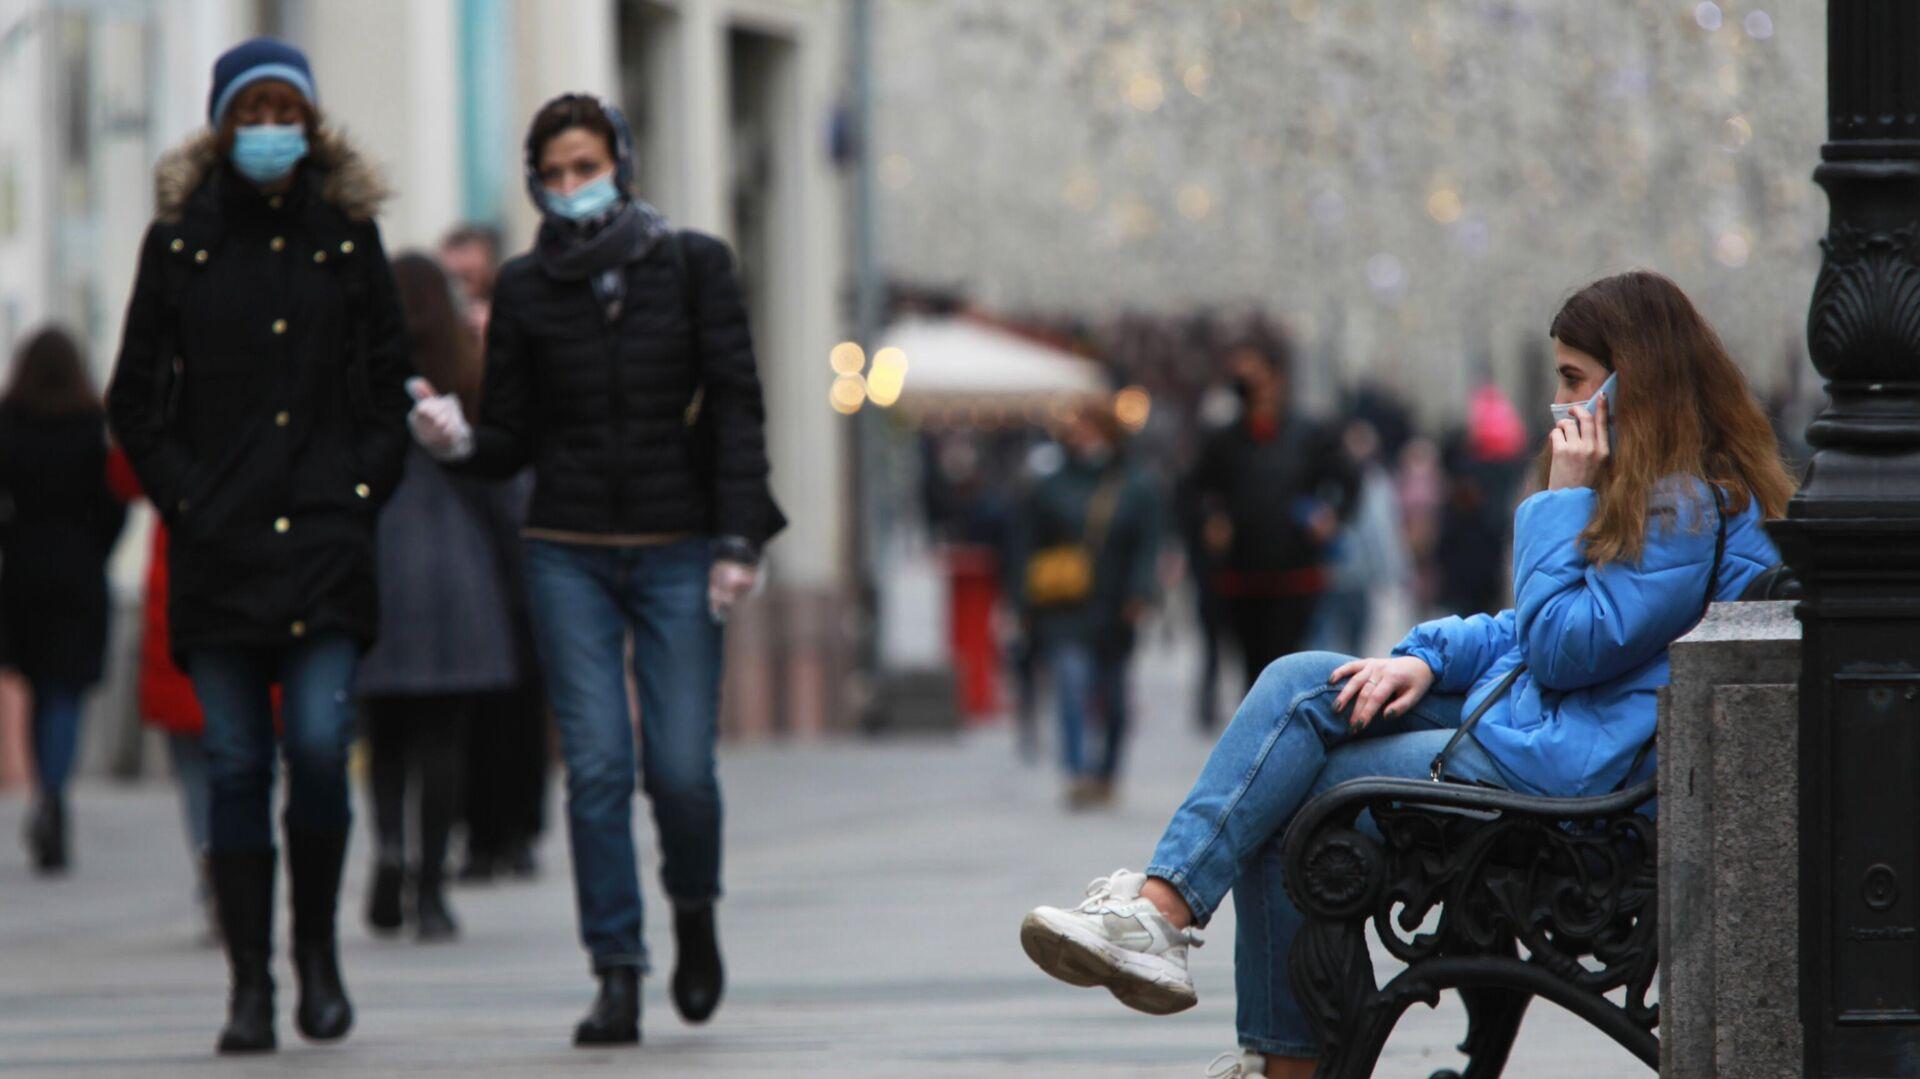 Прохожие в защитных масках на Никольской улице в Москве - РИА Новости, 1920, 02.03.2021